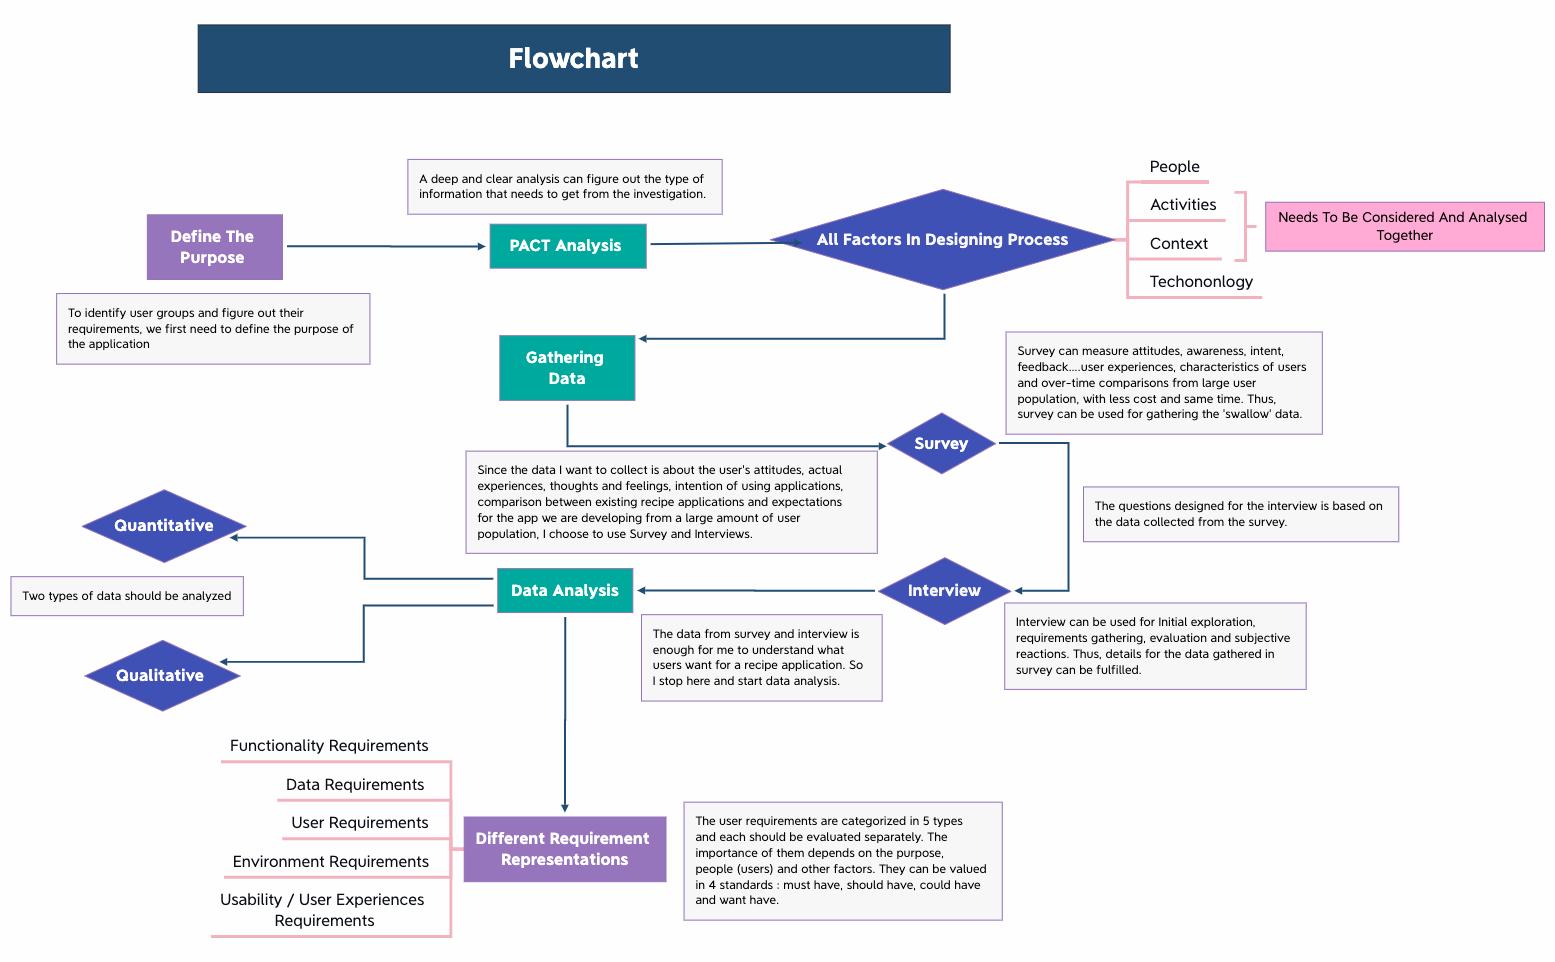 FlowchartProcess_ChartJ8HUUDMNXkEmo25744-eSiqzW-VbCl00r-37624